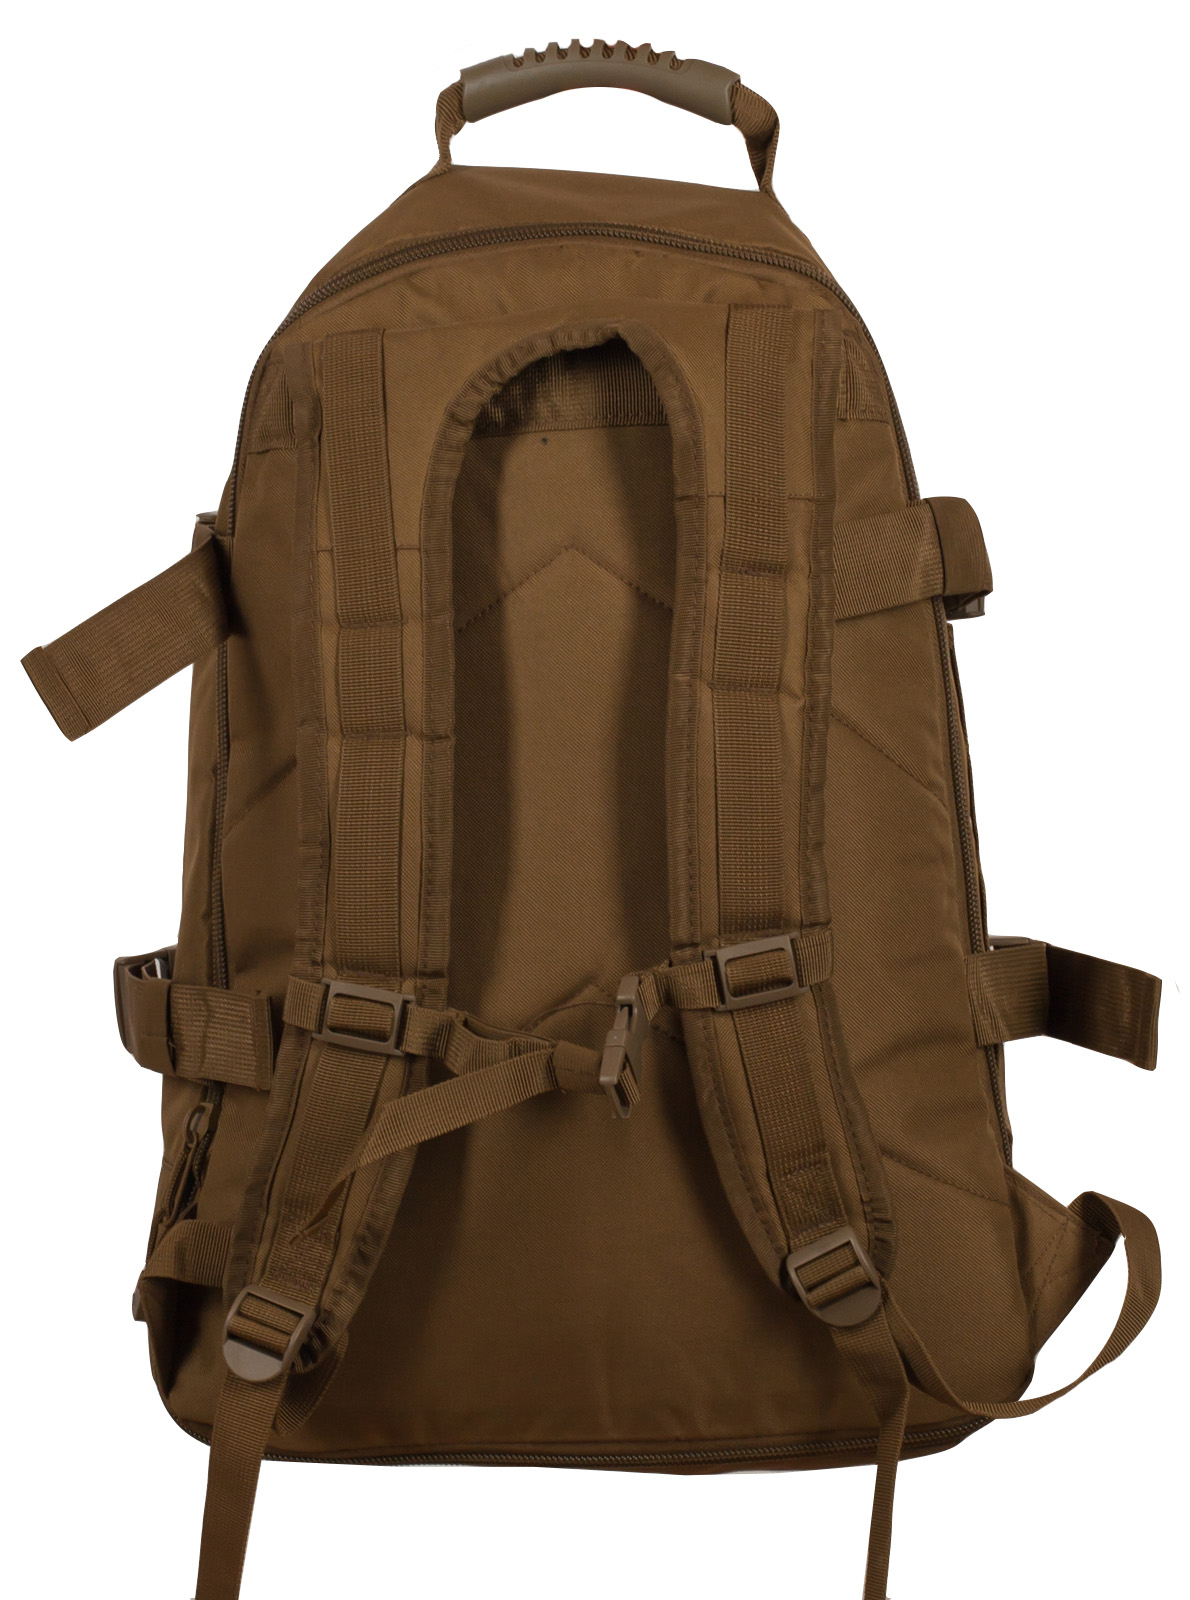 Патрульный тактический рюкзак с нашивкой Погранвойск - заказать с доставкой